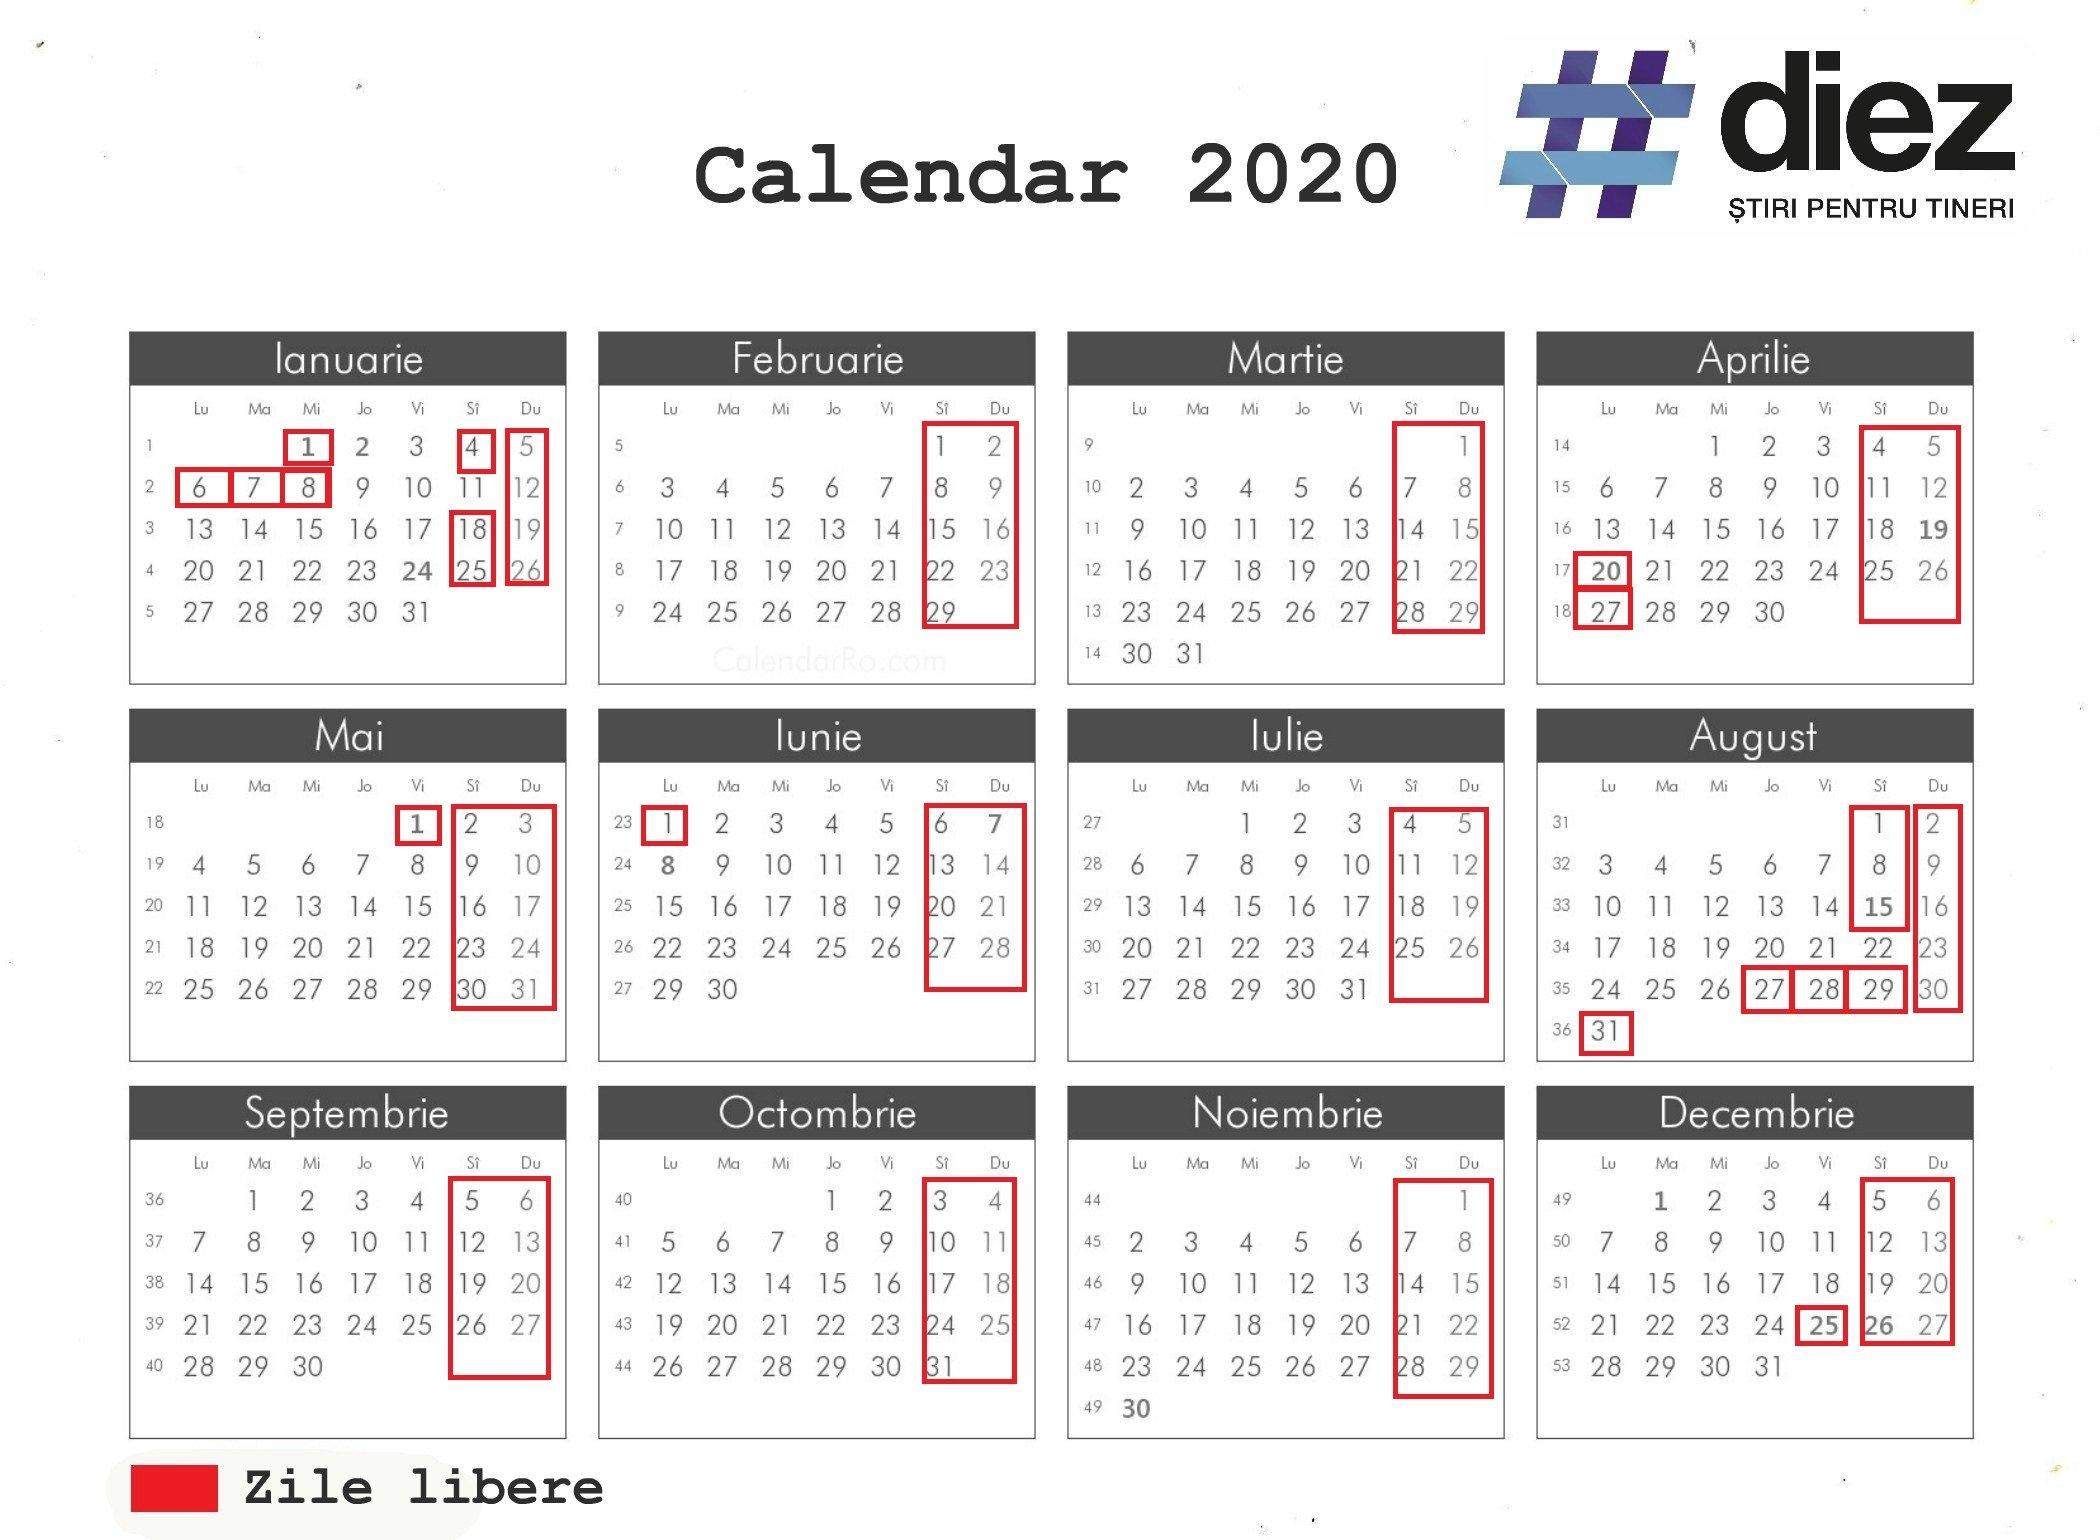 Pick Calendar 2020 Zile Libere   Calendar Printables Free Blank with Calendar Cu Zile Libere Legale Pentru 2021